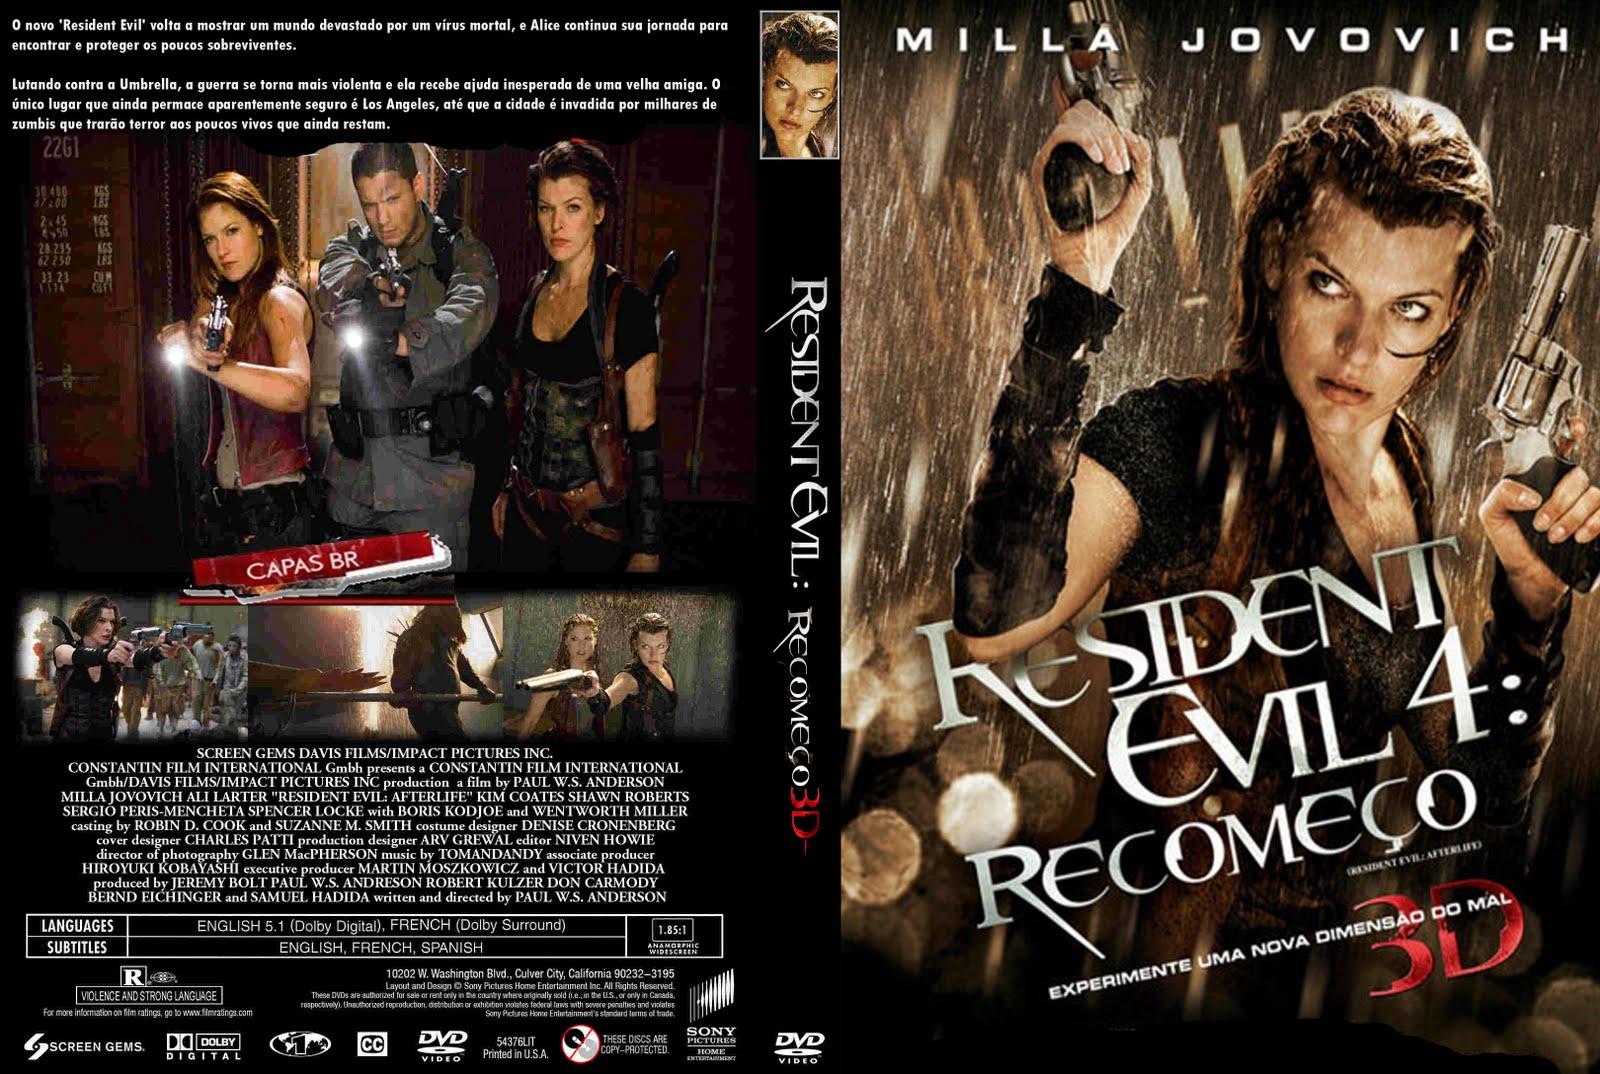 Resident evil movie mp3